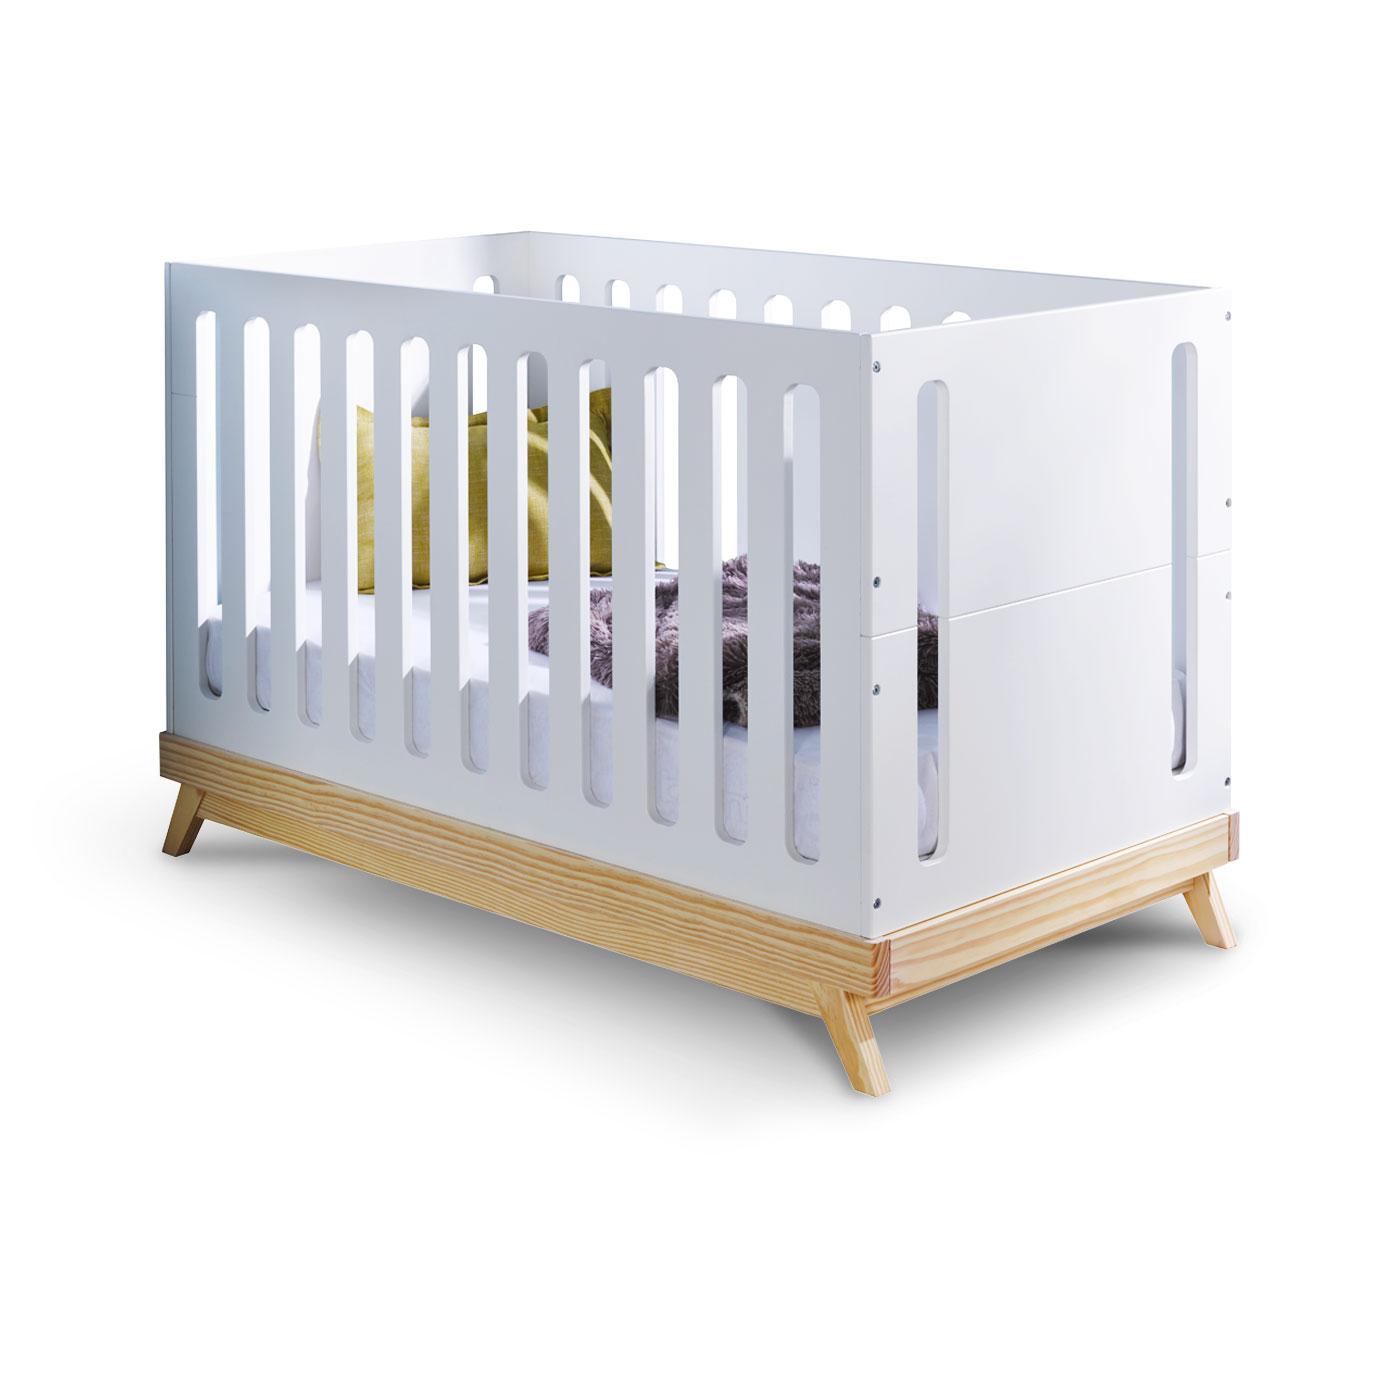 lit bebe evolutif blanc et bois id es de tricot gratuit. Black Bedroom Furniture Sets. Home Design Ideas